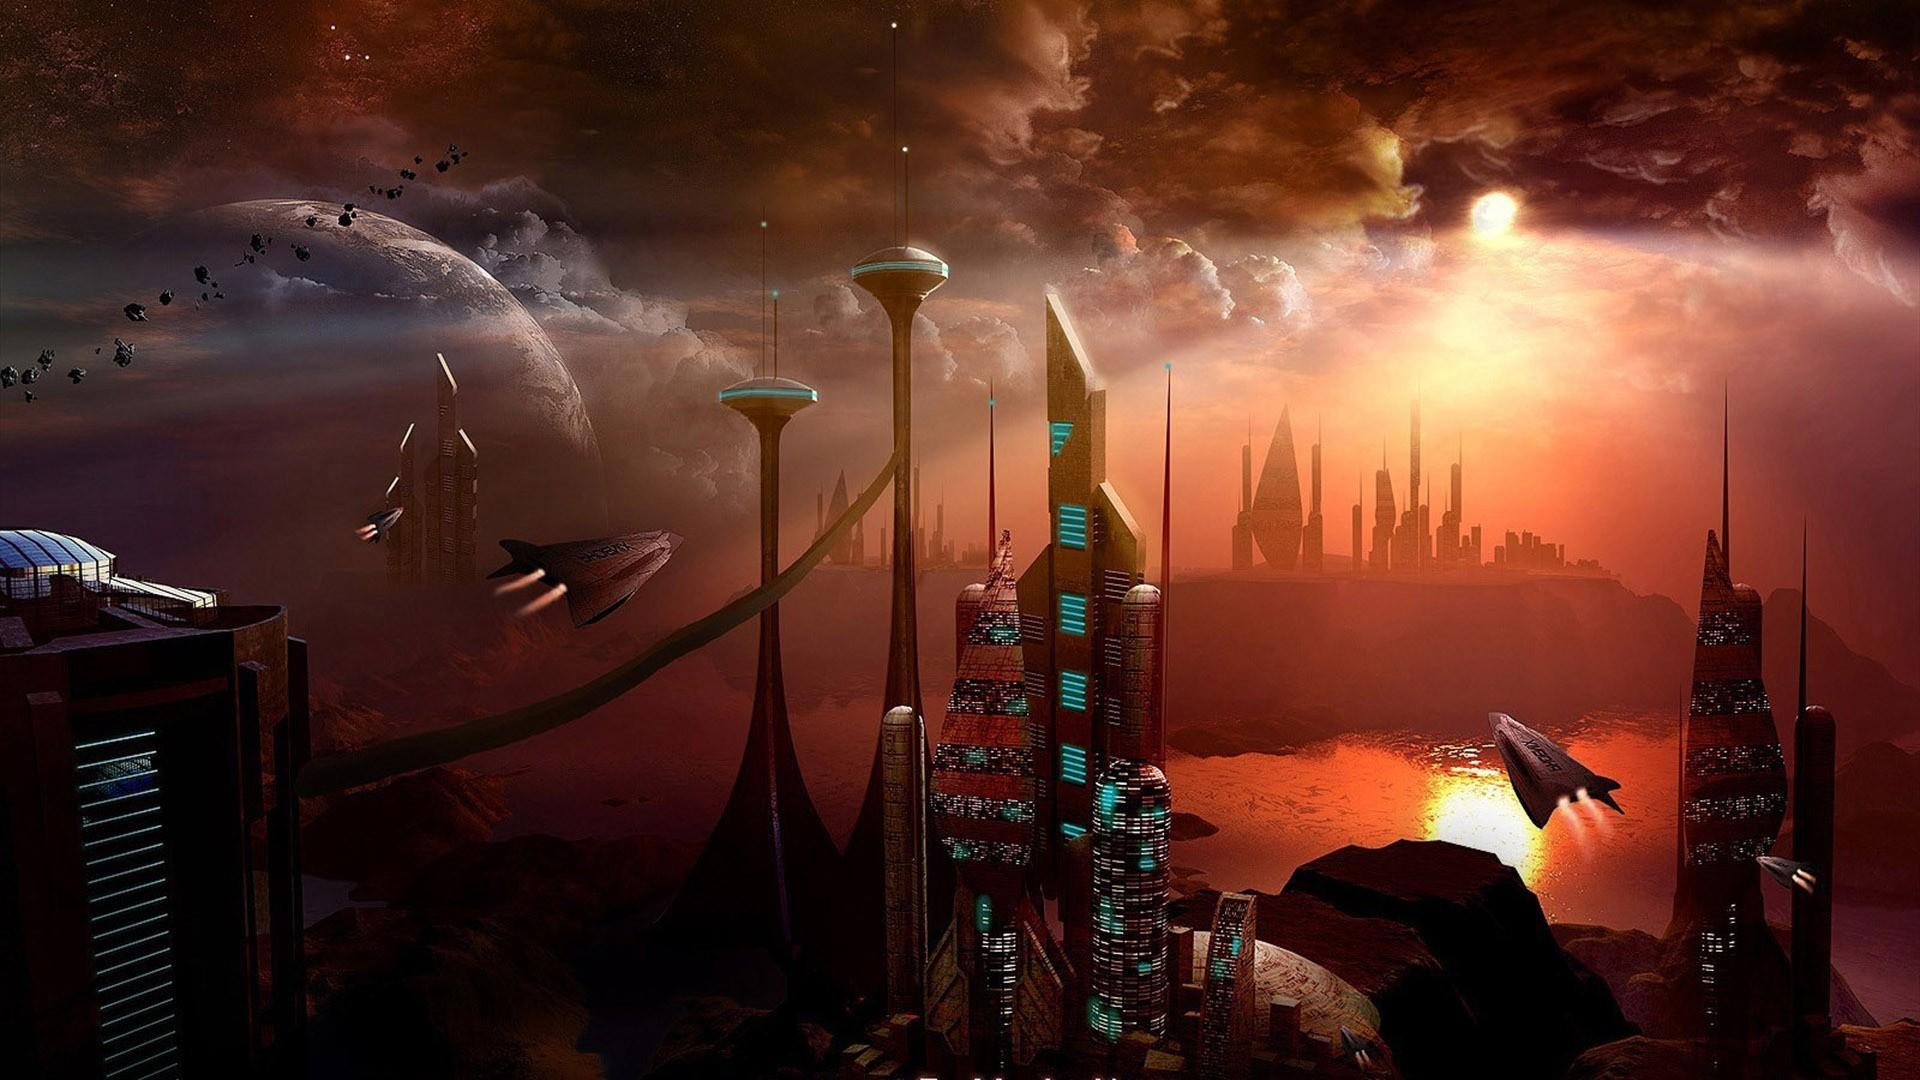 Futuristic City Wallpaper 43